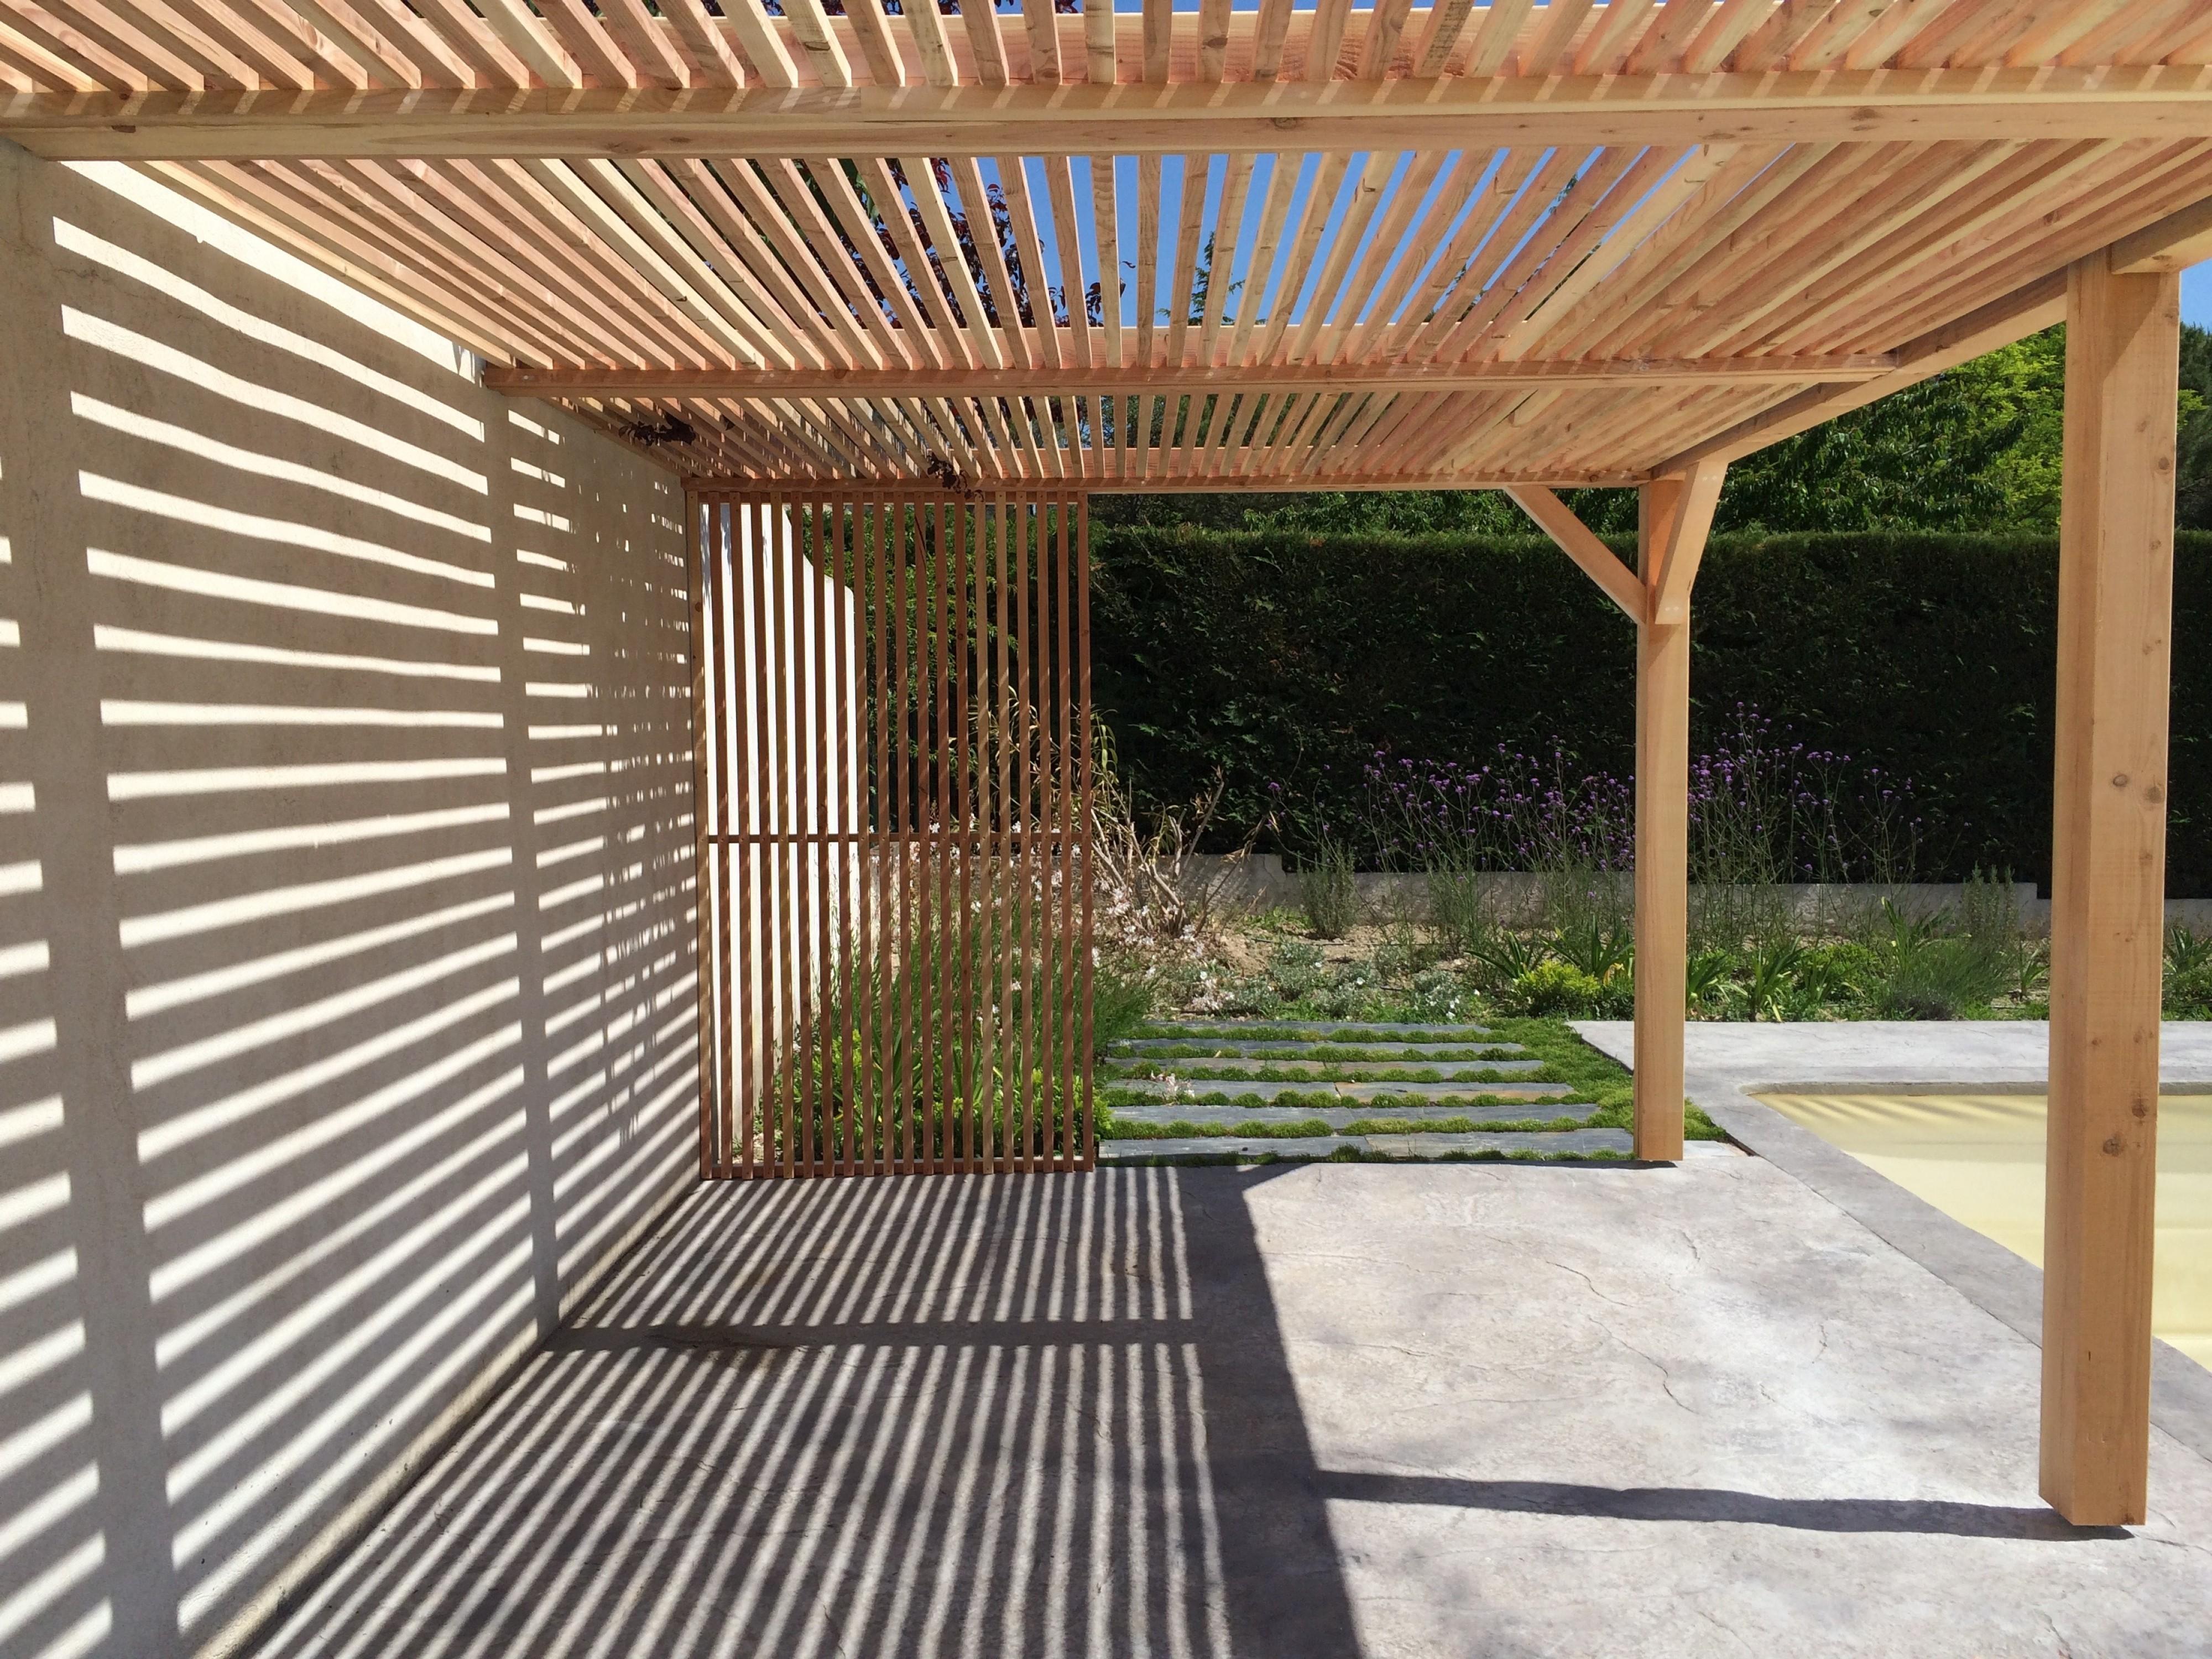 Pergola en bois aix en provence am nagement de - Amenagement piscine bois aixen provence ...